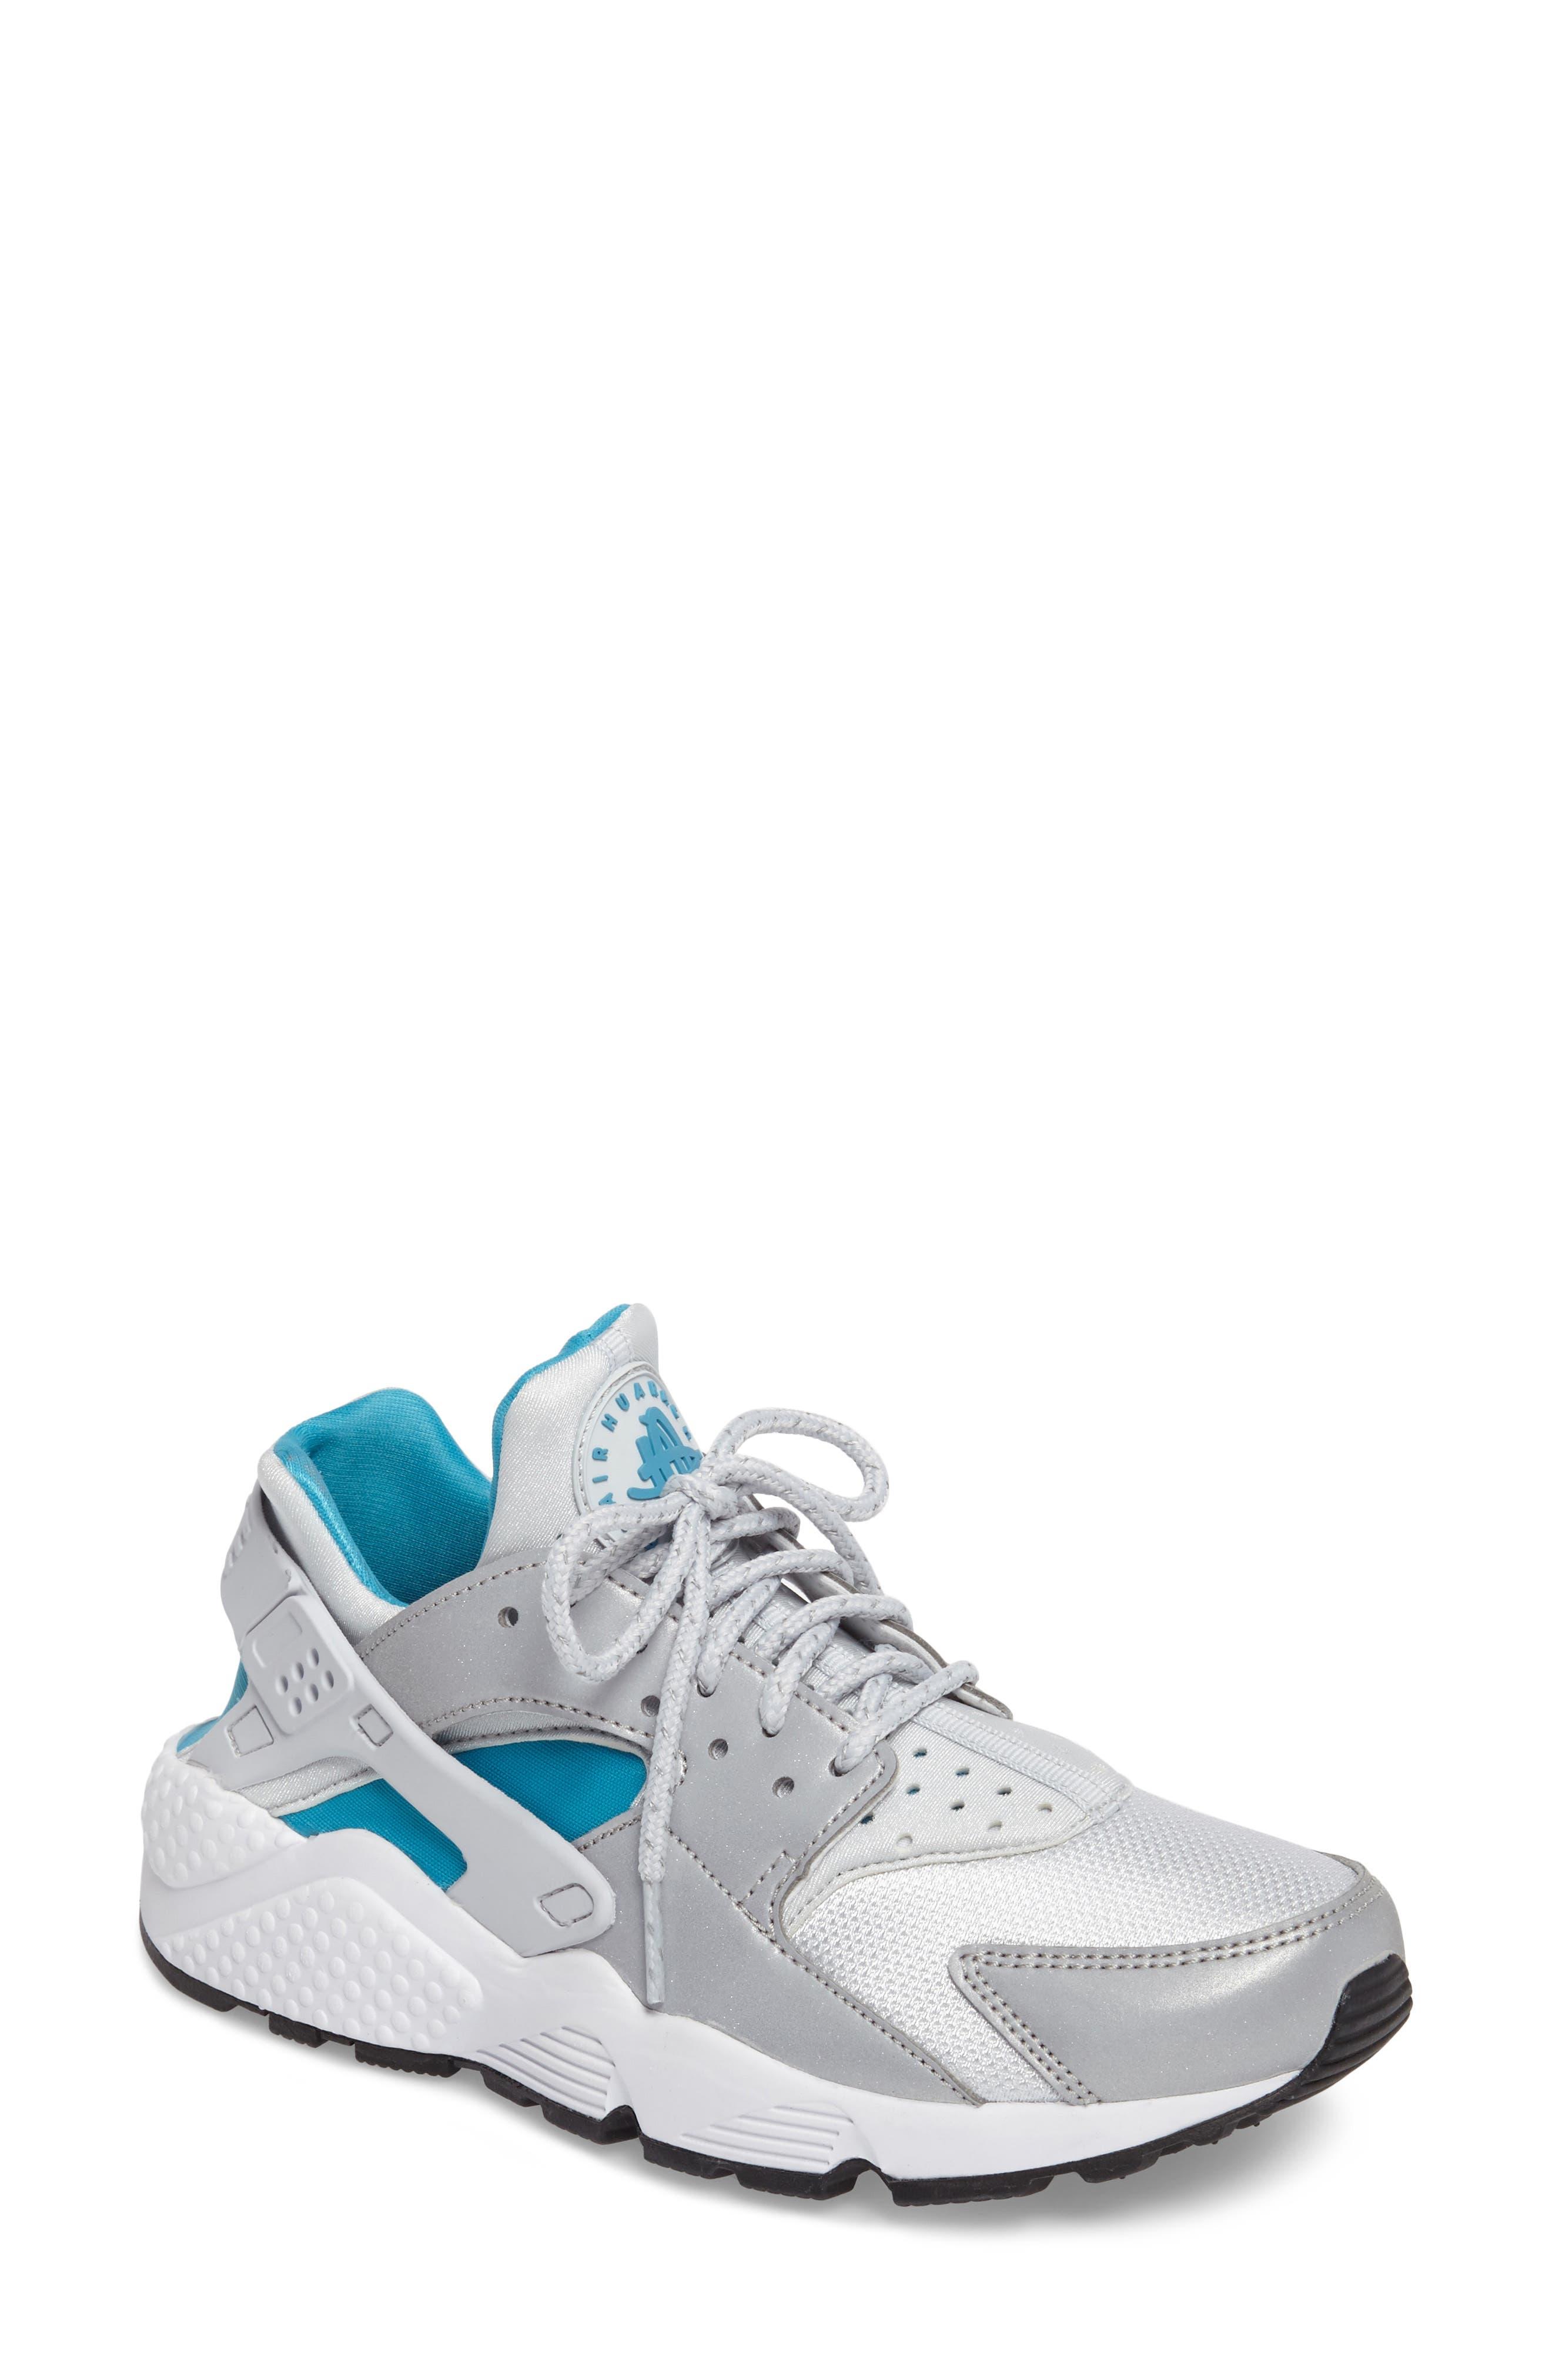 Air Huarache Run QS Sneaker,                             Main thumbnail 1, color,